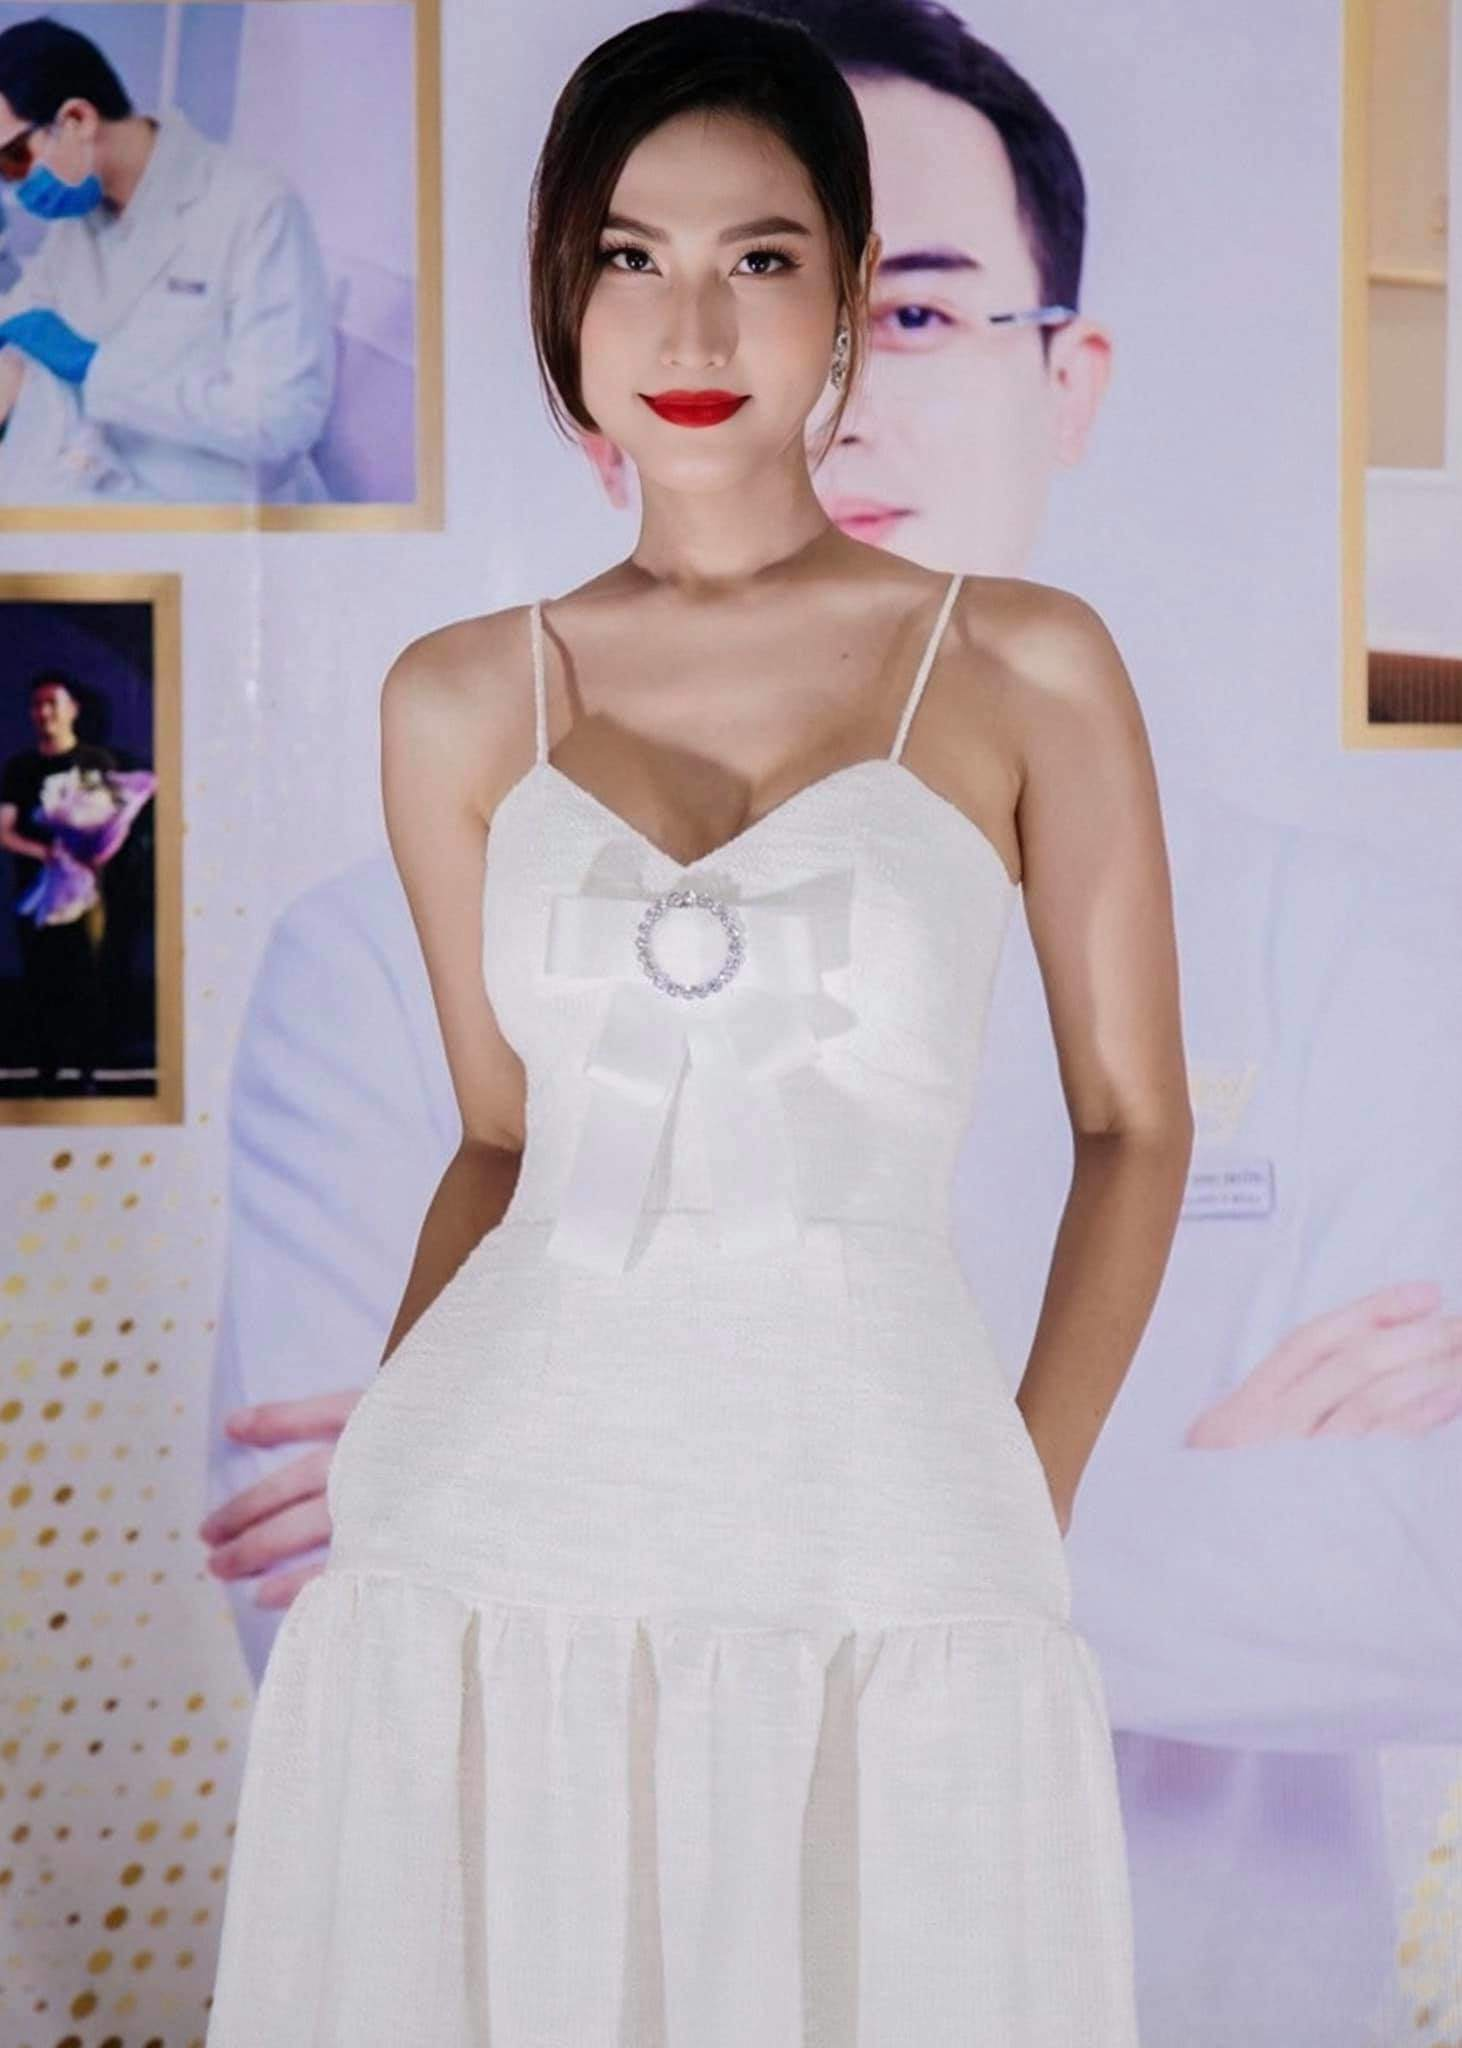 Từng bị chỉ trích vì mặc váy khoe cặp tuyết lê phản cảm, Hoa hậu 9X giờ hở tinh tế - 3